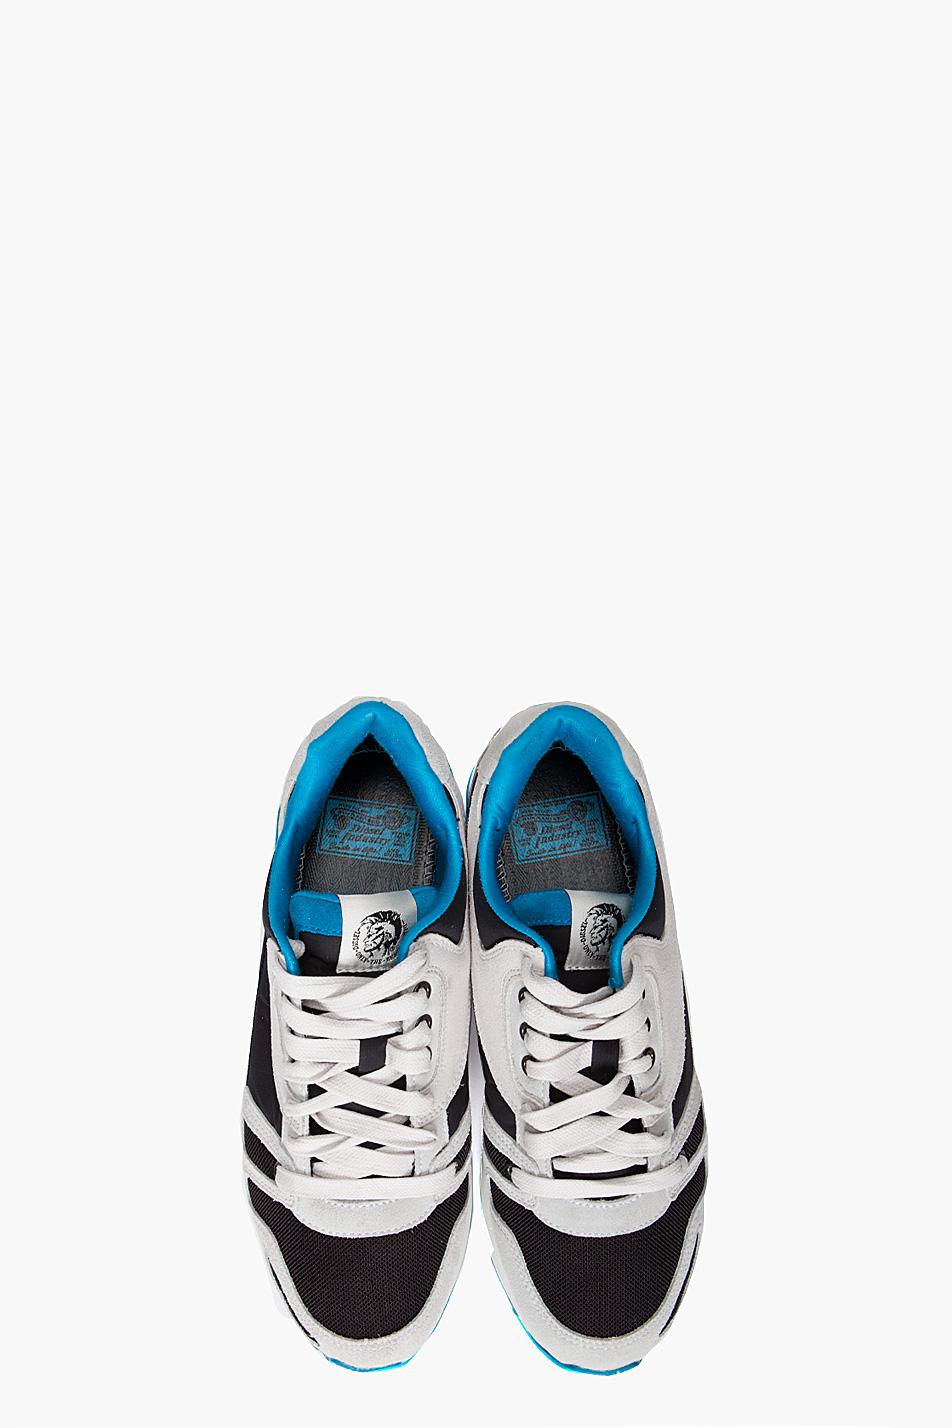 Diesel Absolute Sneakers In Black For Men Lyst